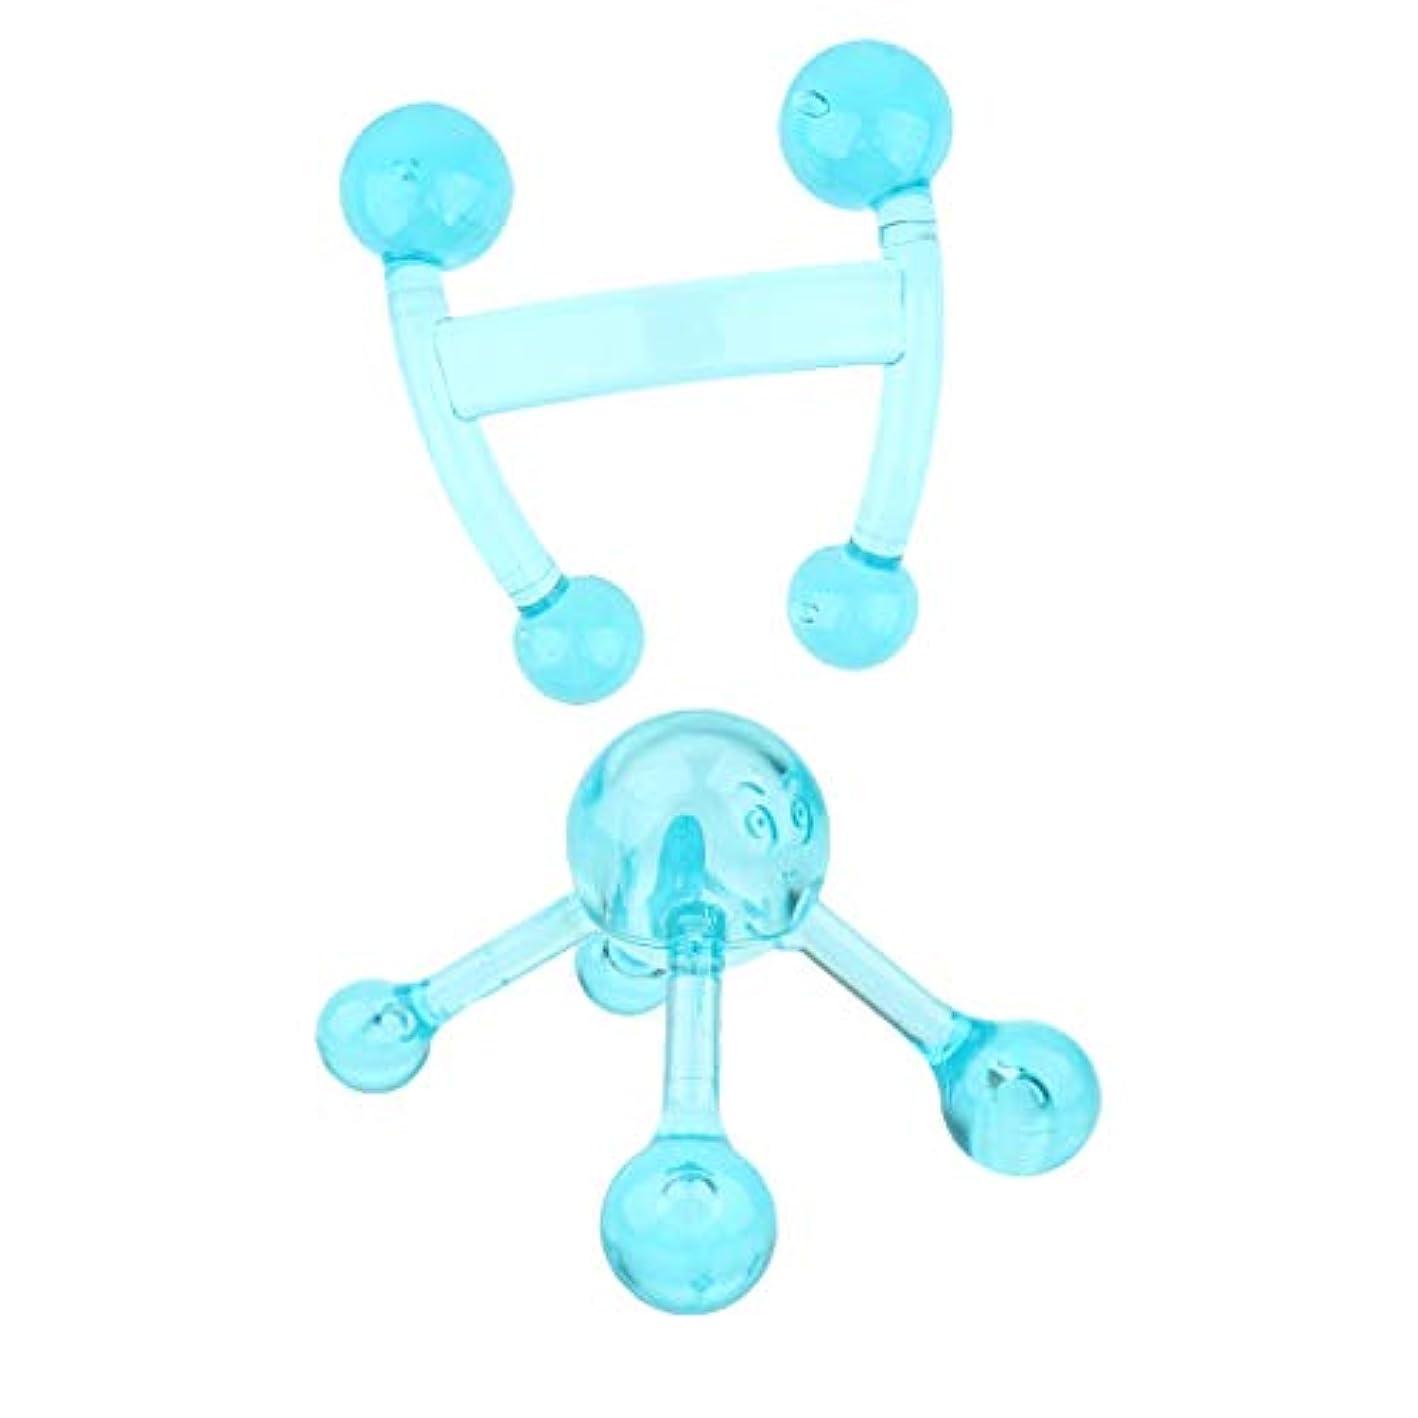 脈拍泣くゴミ箱dailymall 首の肩の弛緩のための2x深いティッシュのマッサージ用具の手持ち型のマッサージャー